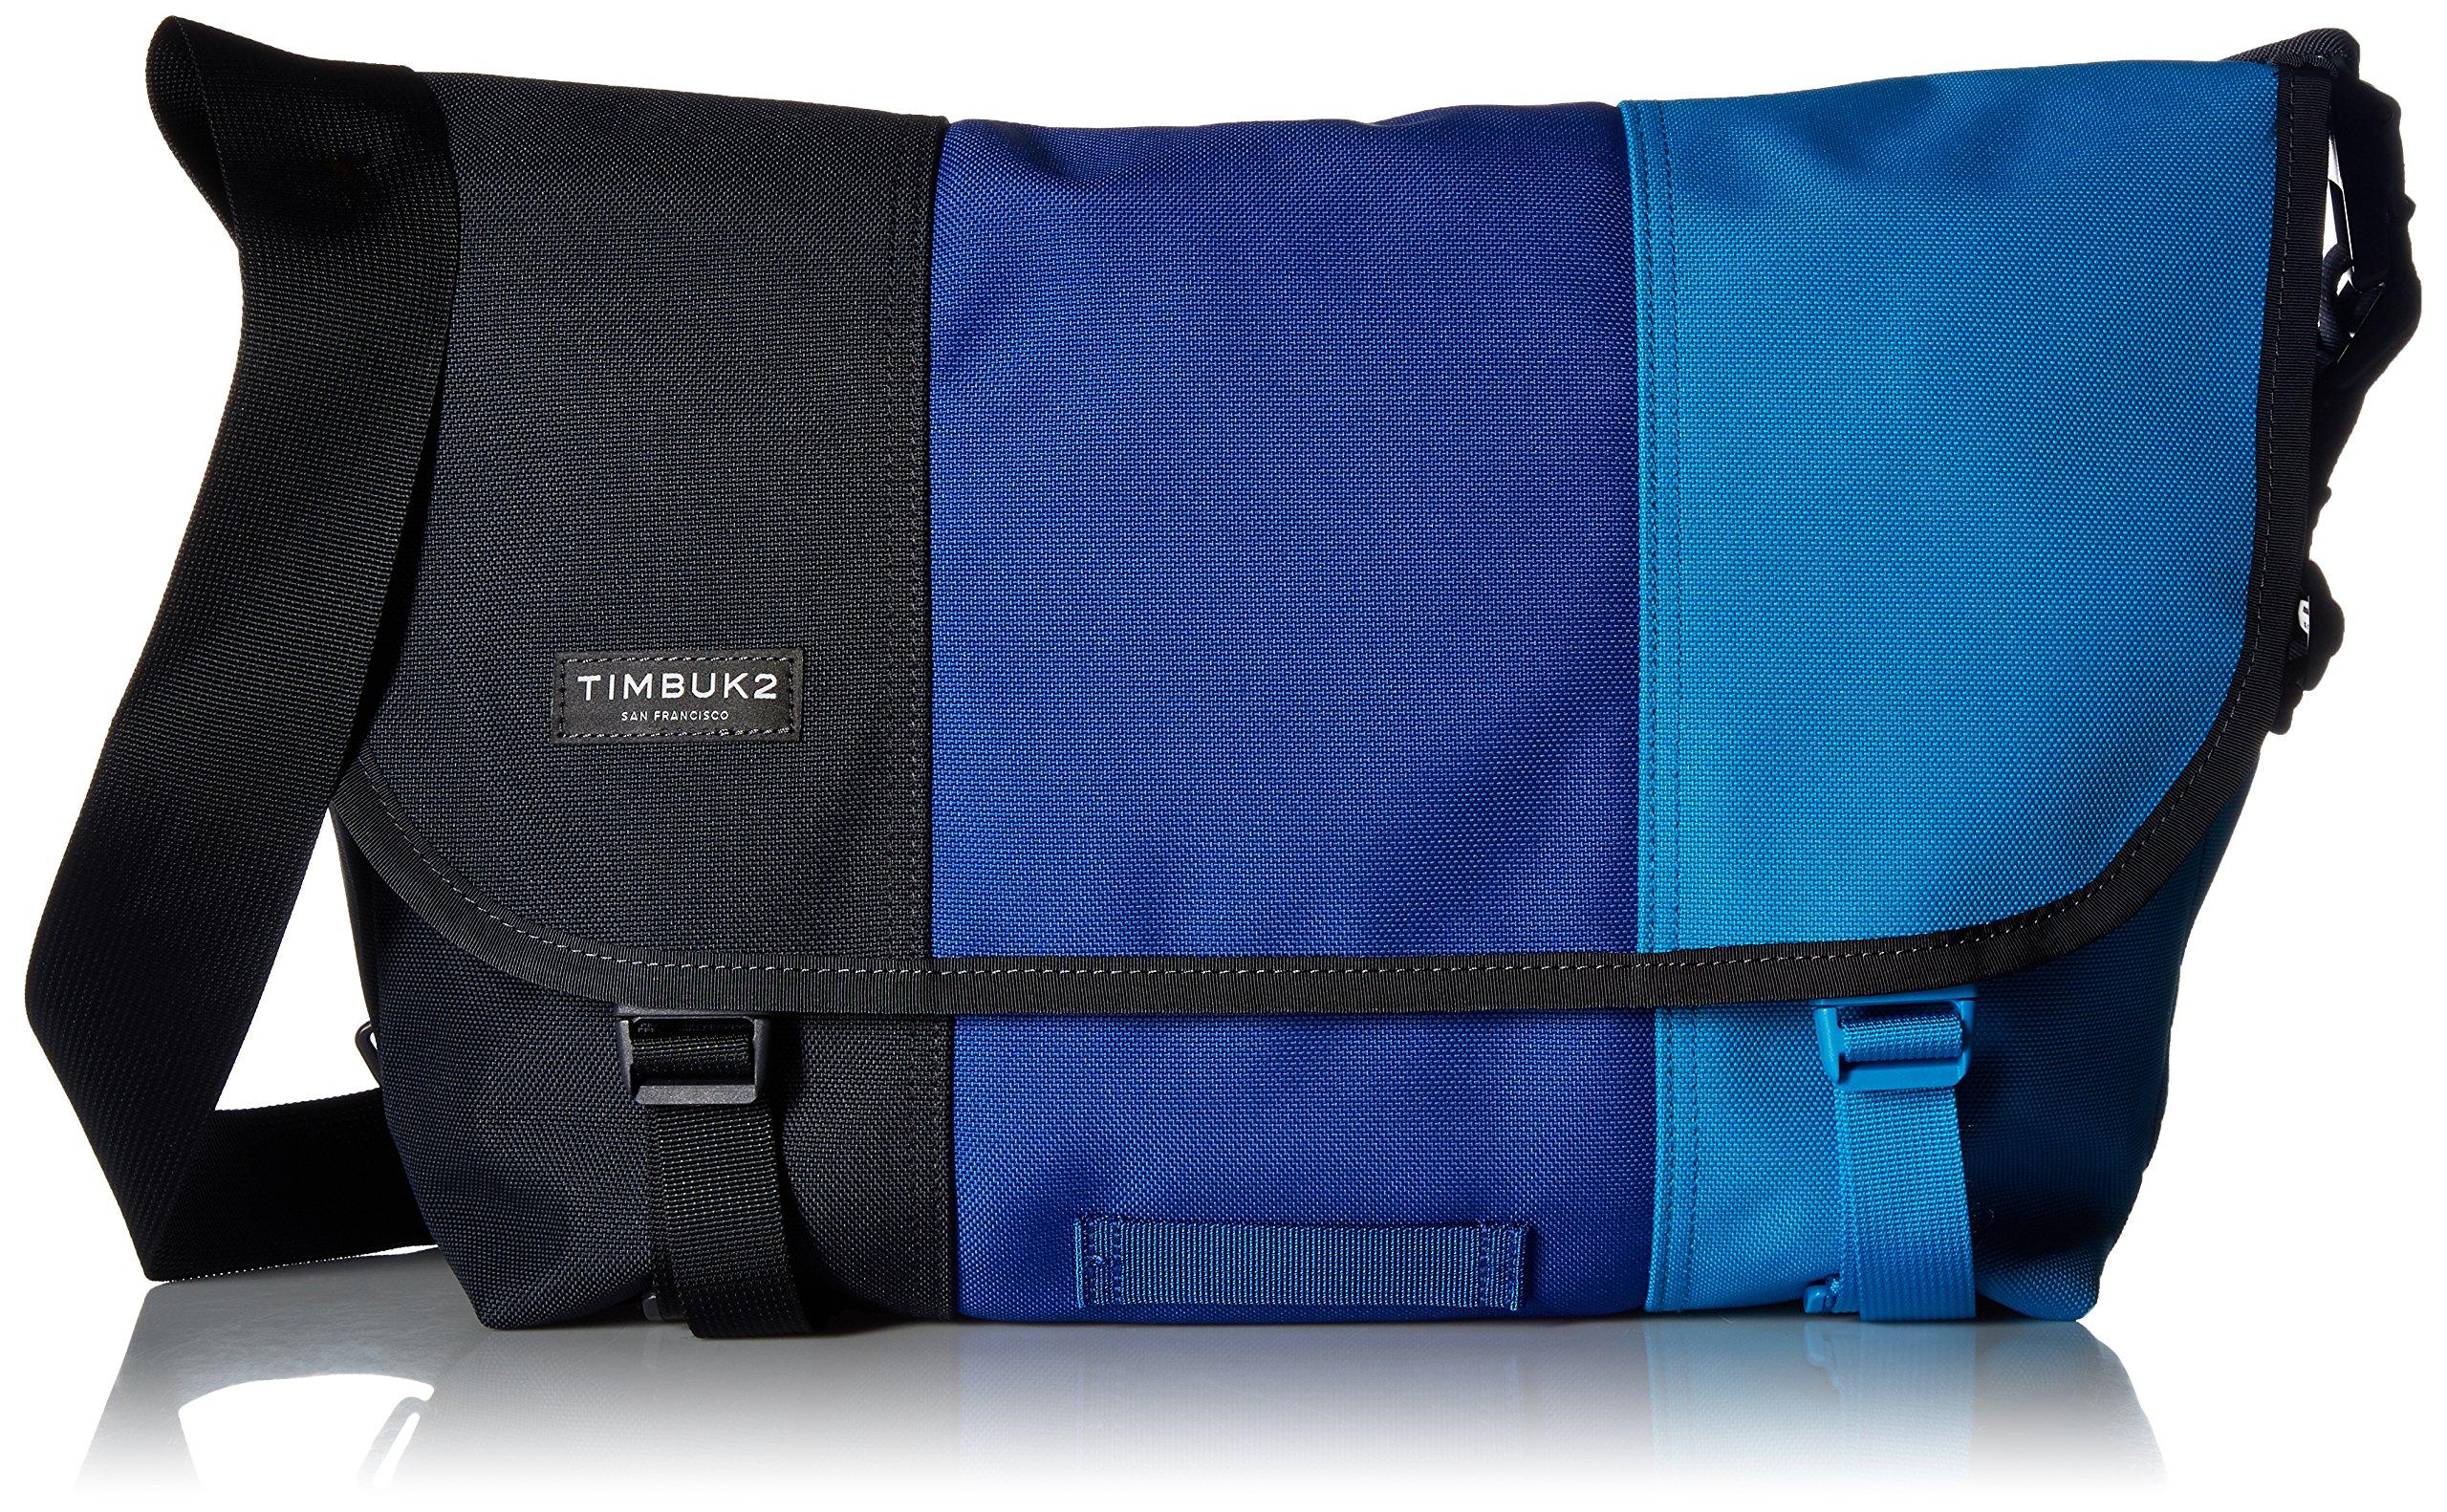 Timbuk2 Classic Tres Colores Messenger Bag, Lagoon, Medium